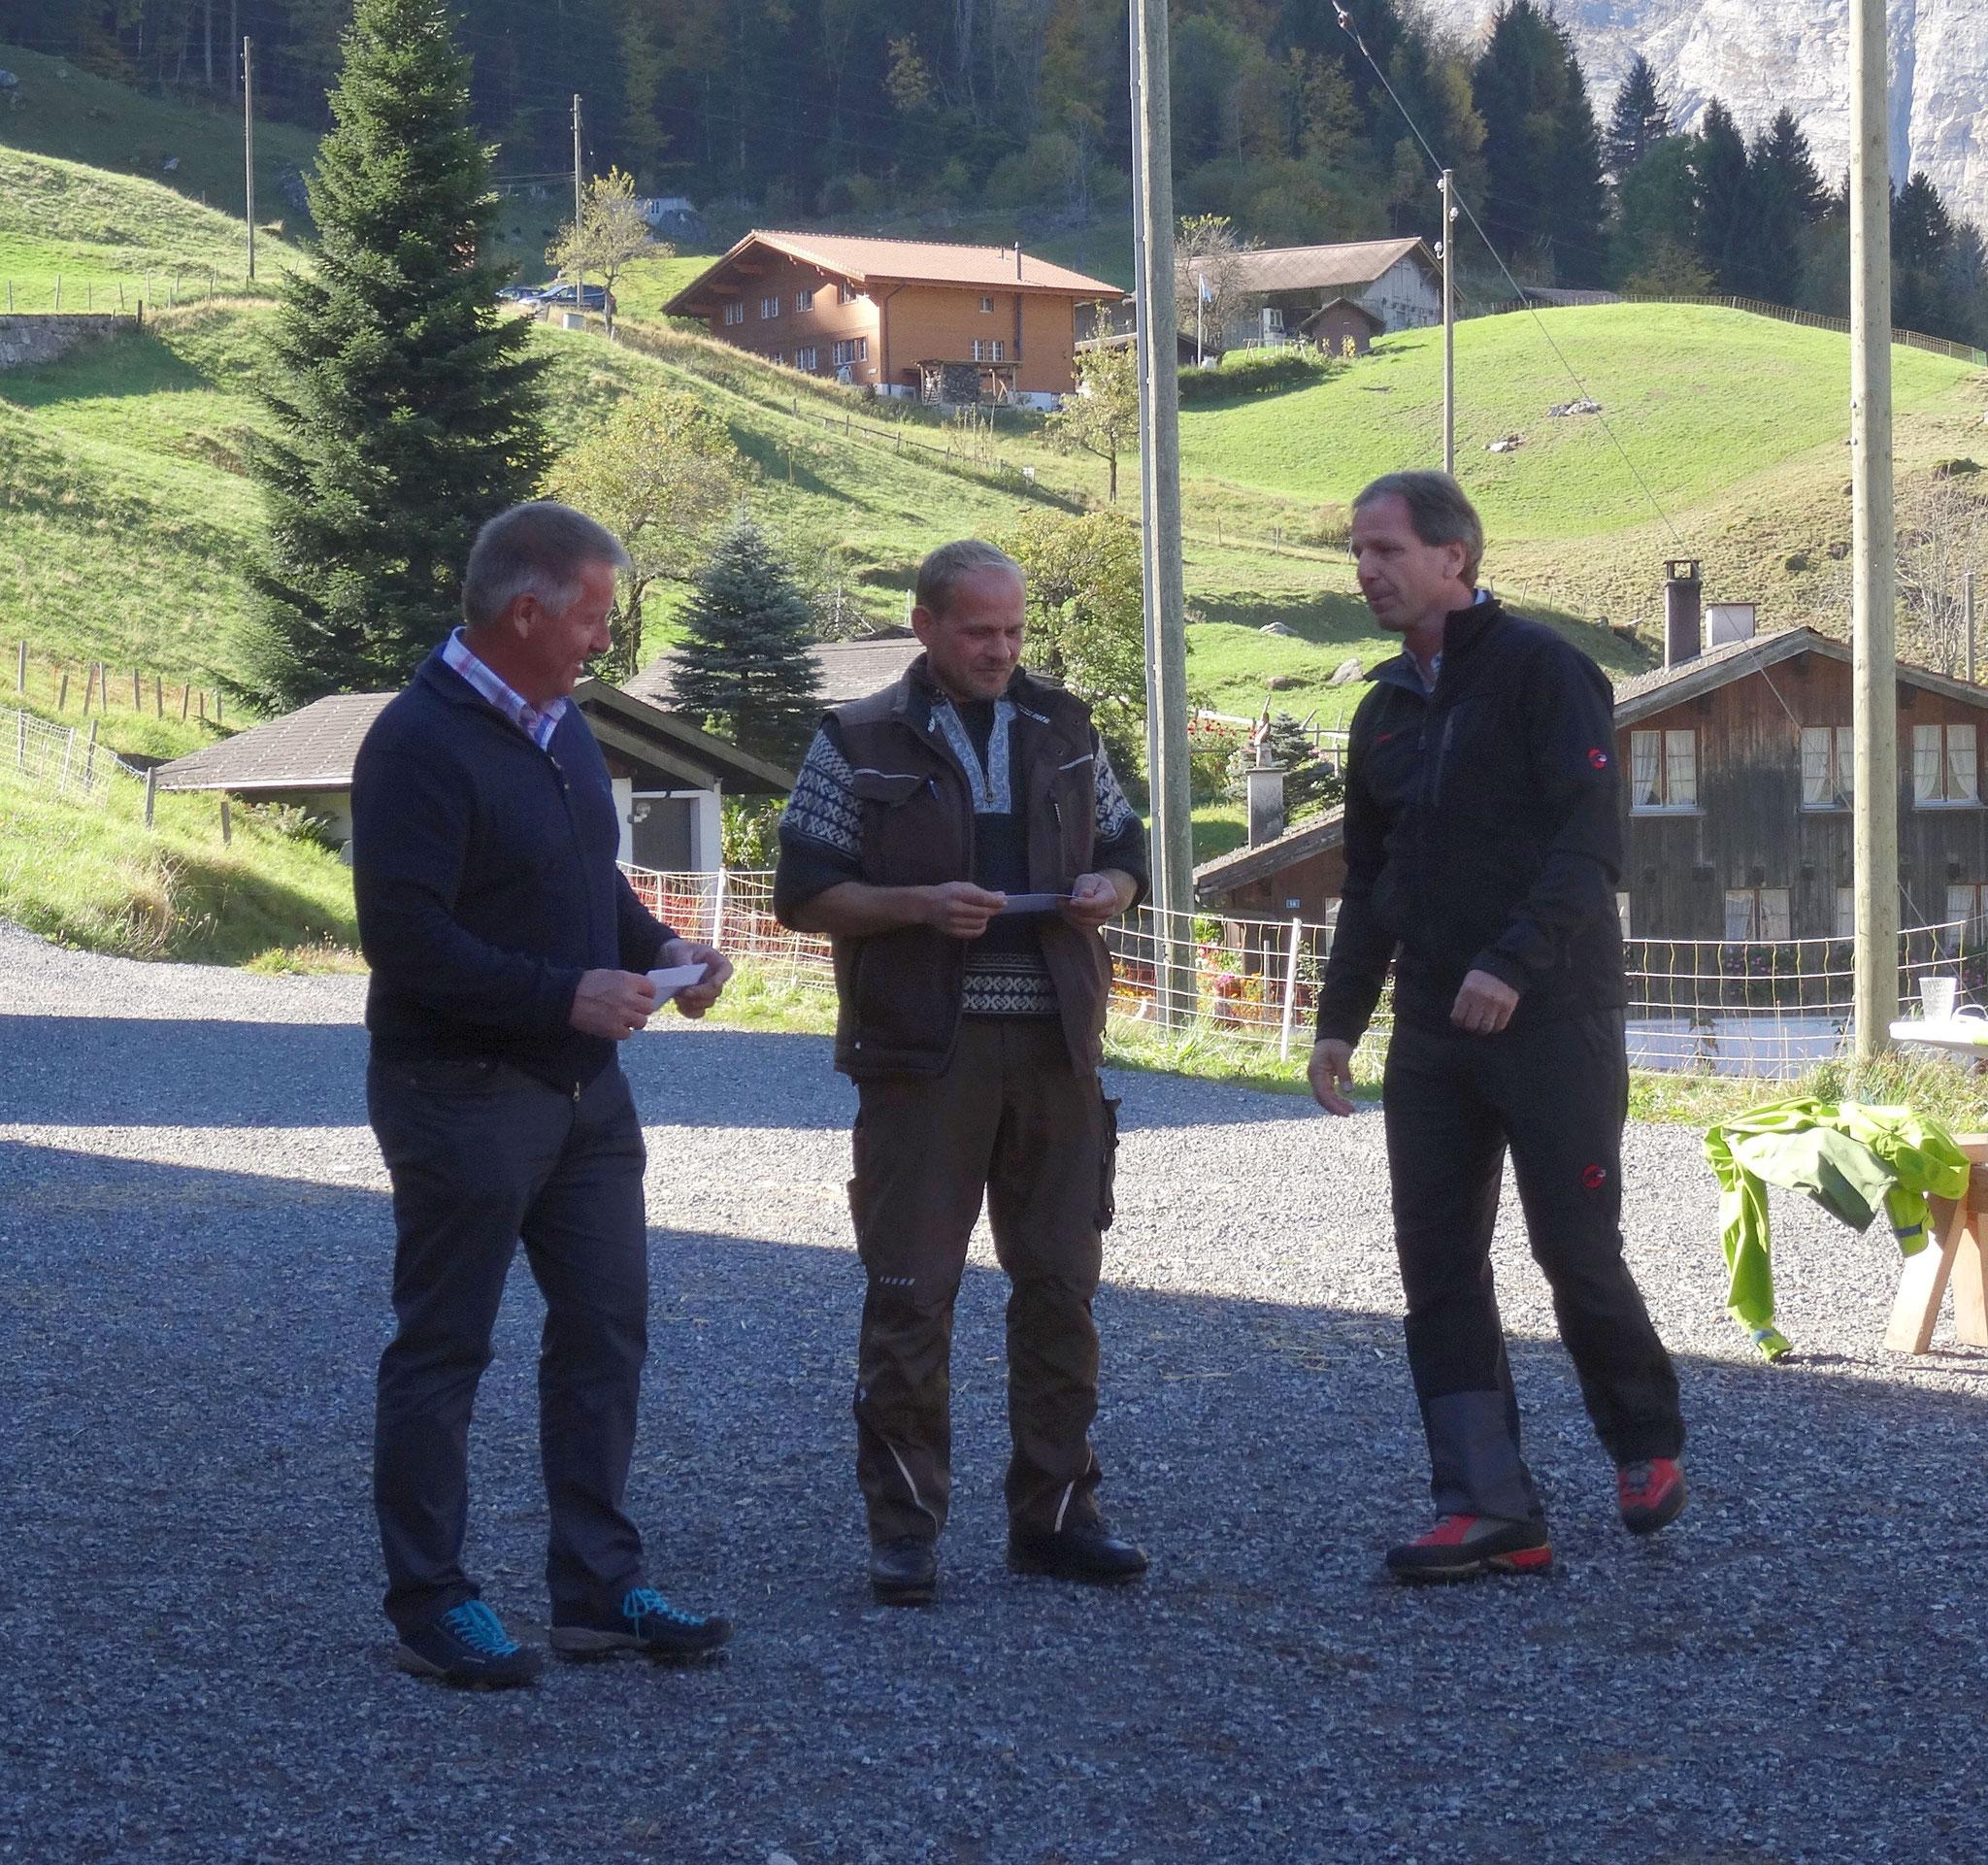 Der Präsident der Regionalkonferenz Oberland-Ost, Peter Flück, übergibt die Schecks an die Gewinner des Kulturlandschaftspreises 2017.